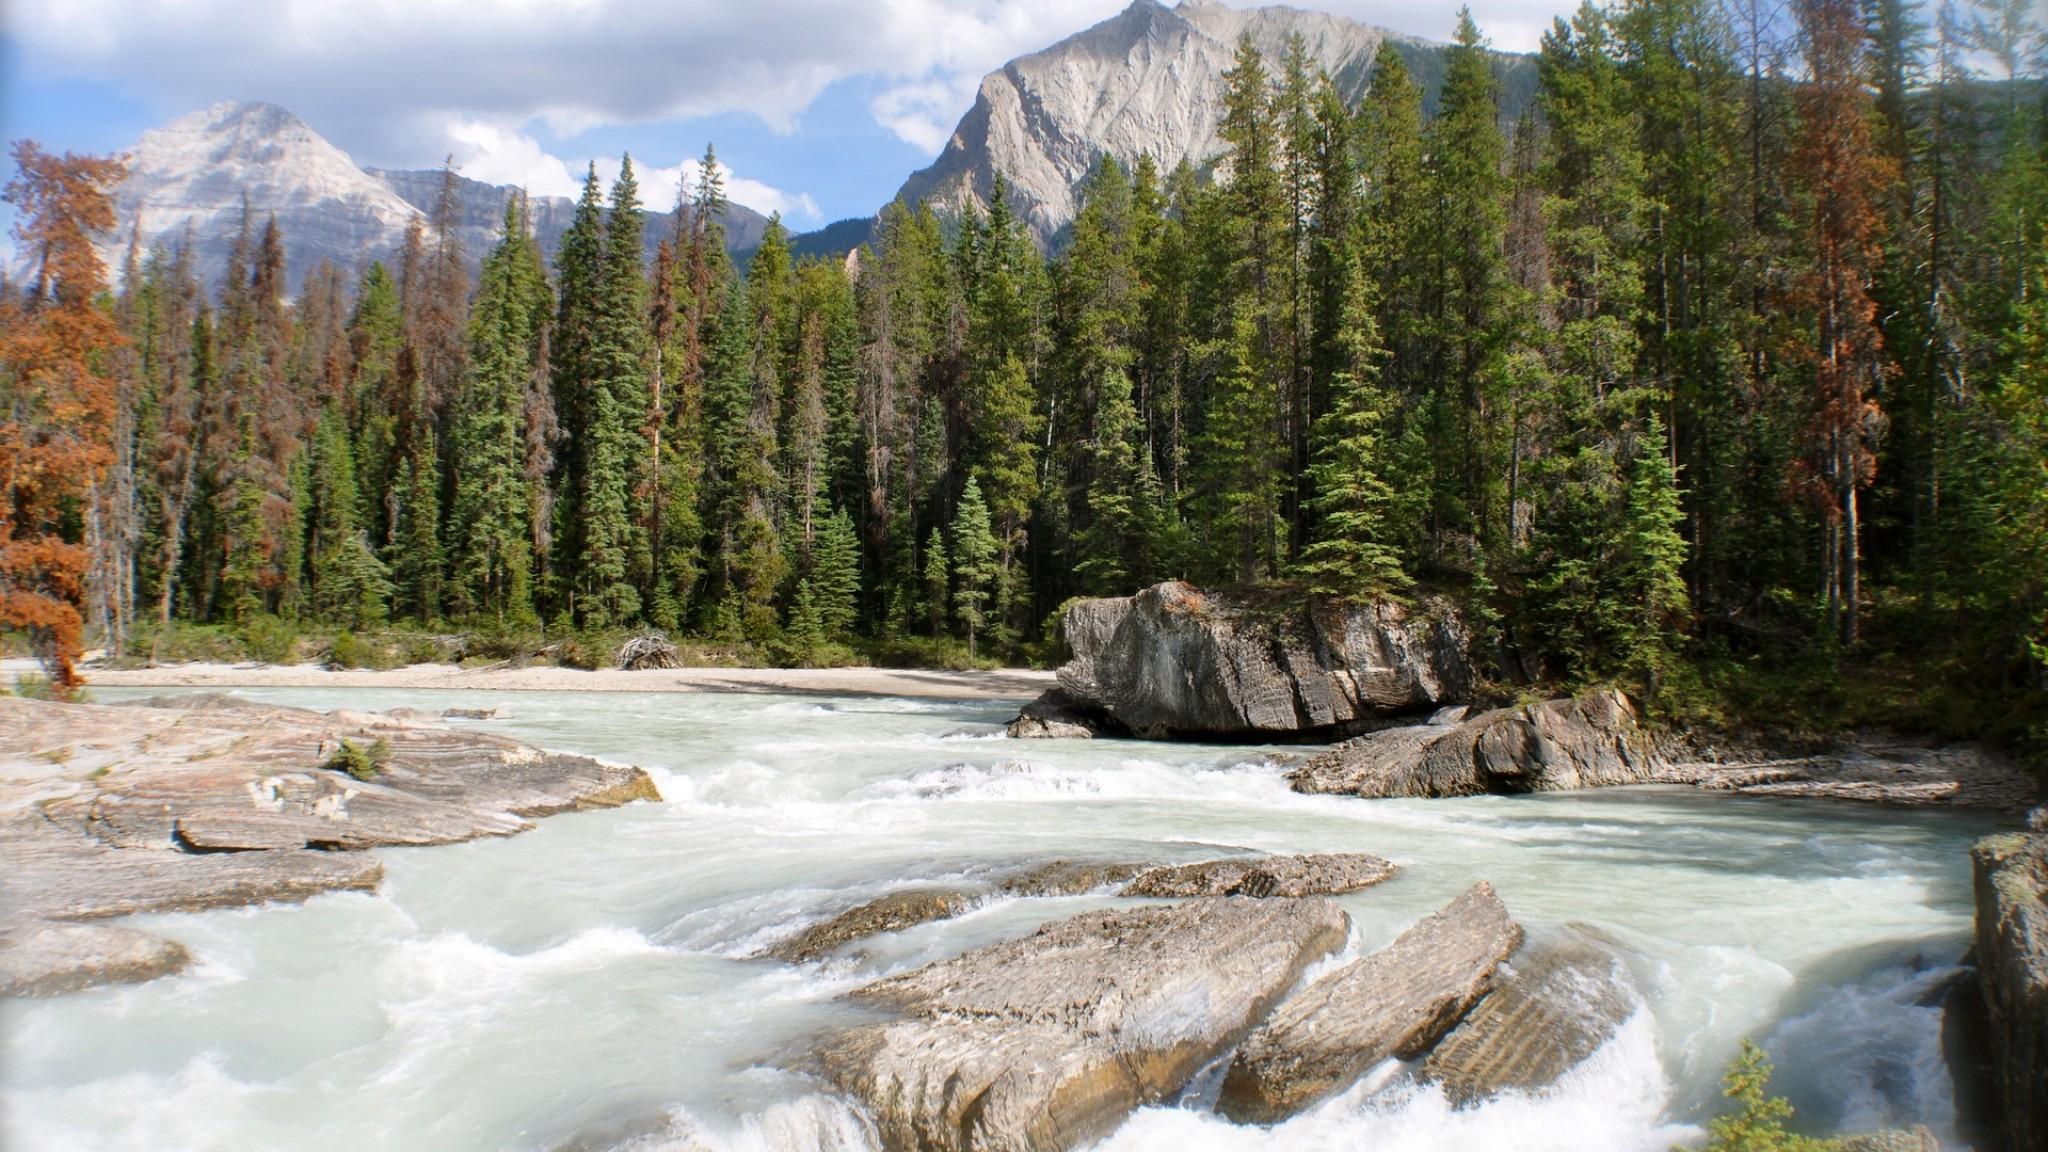 Kicking Horse River Natura 1515   tapety HD HD Wallpaper